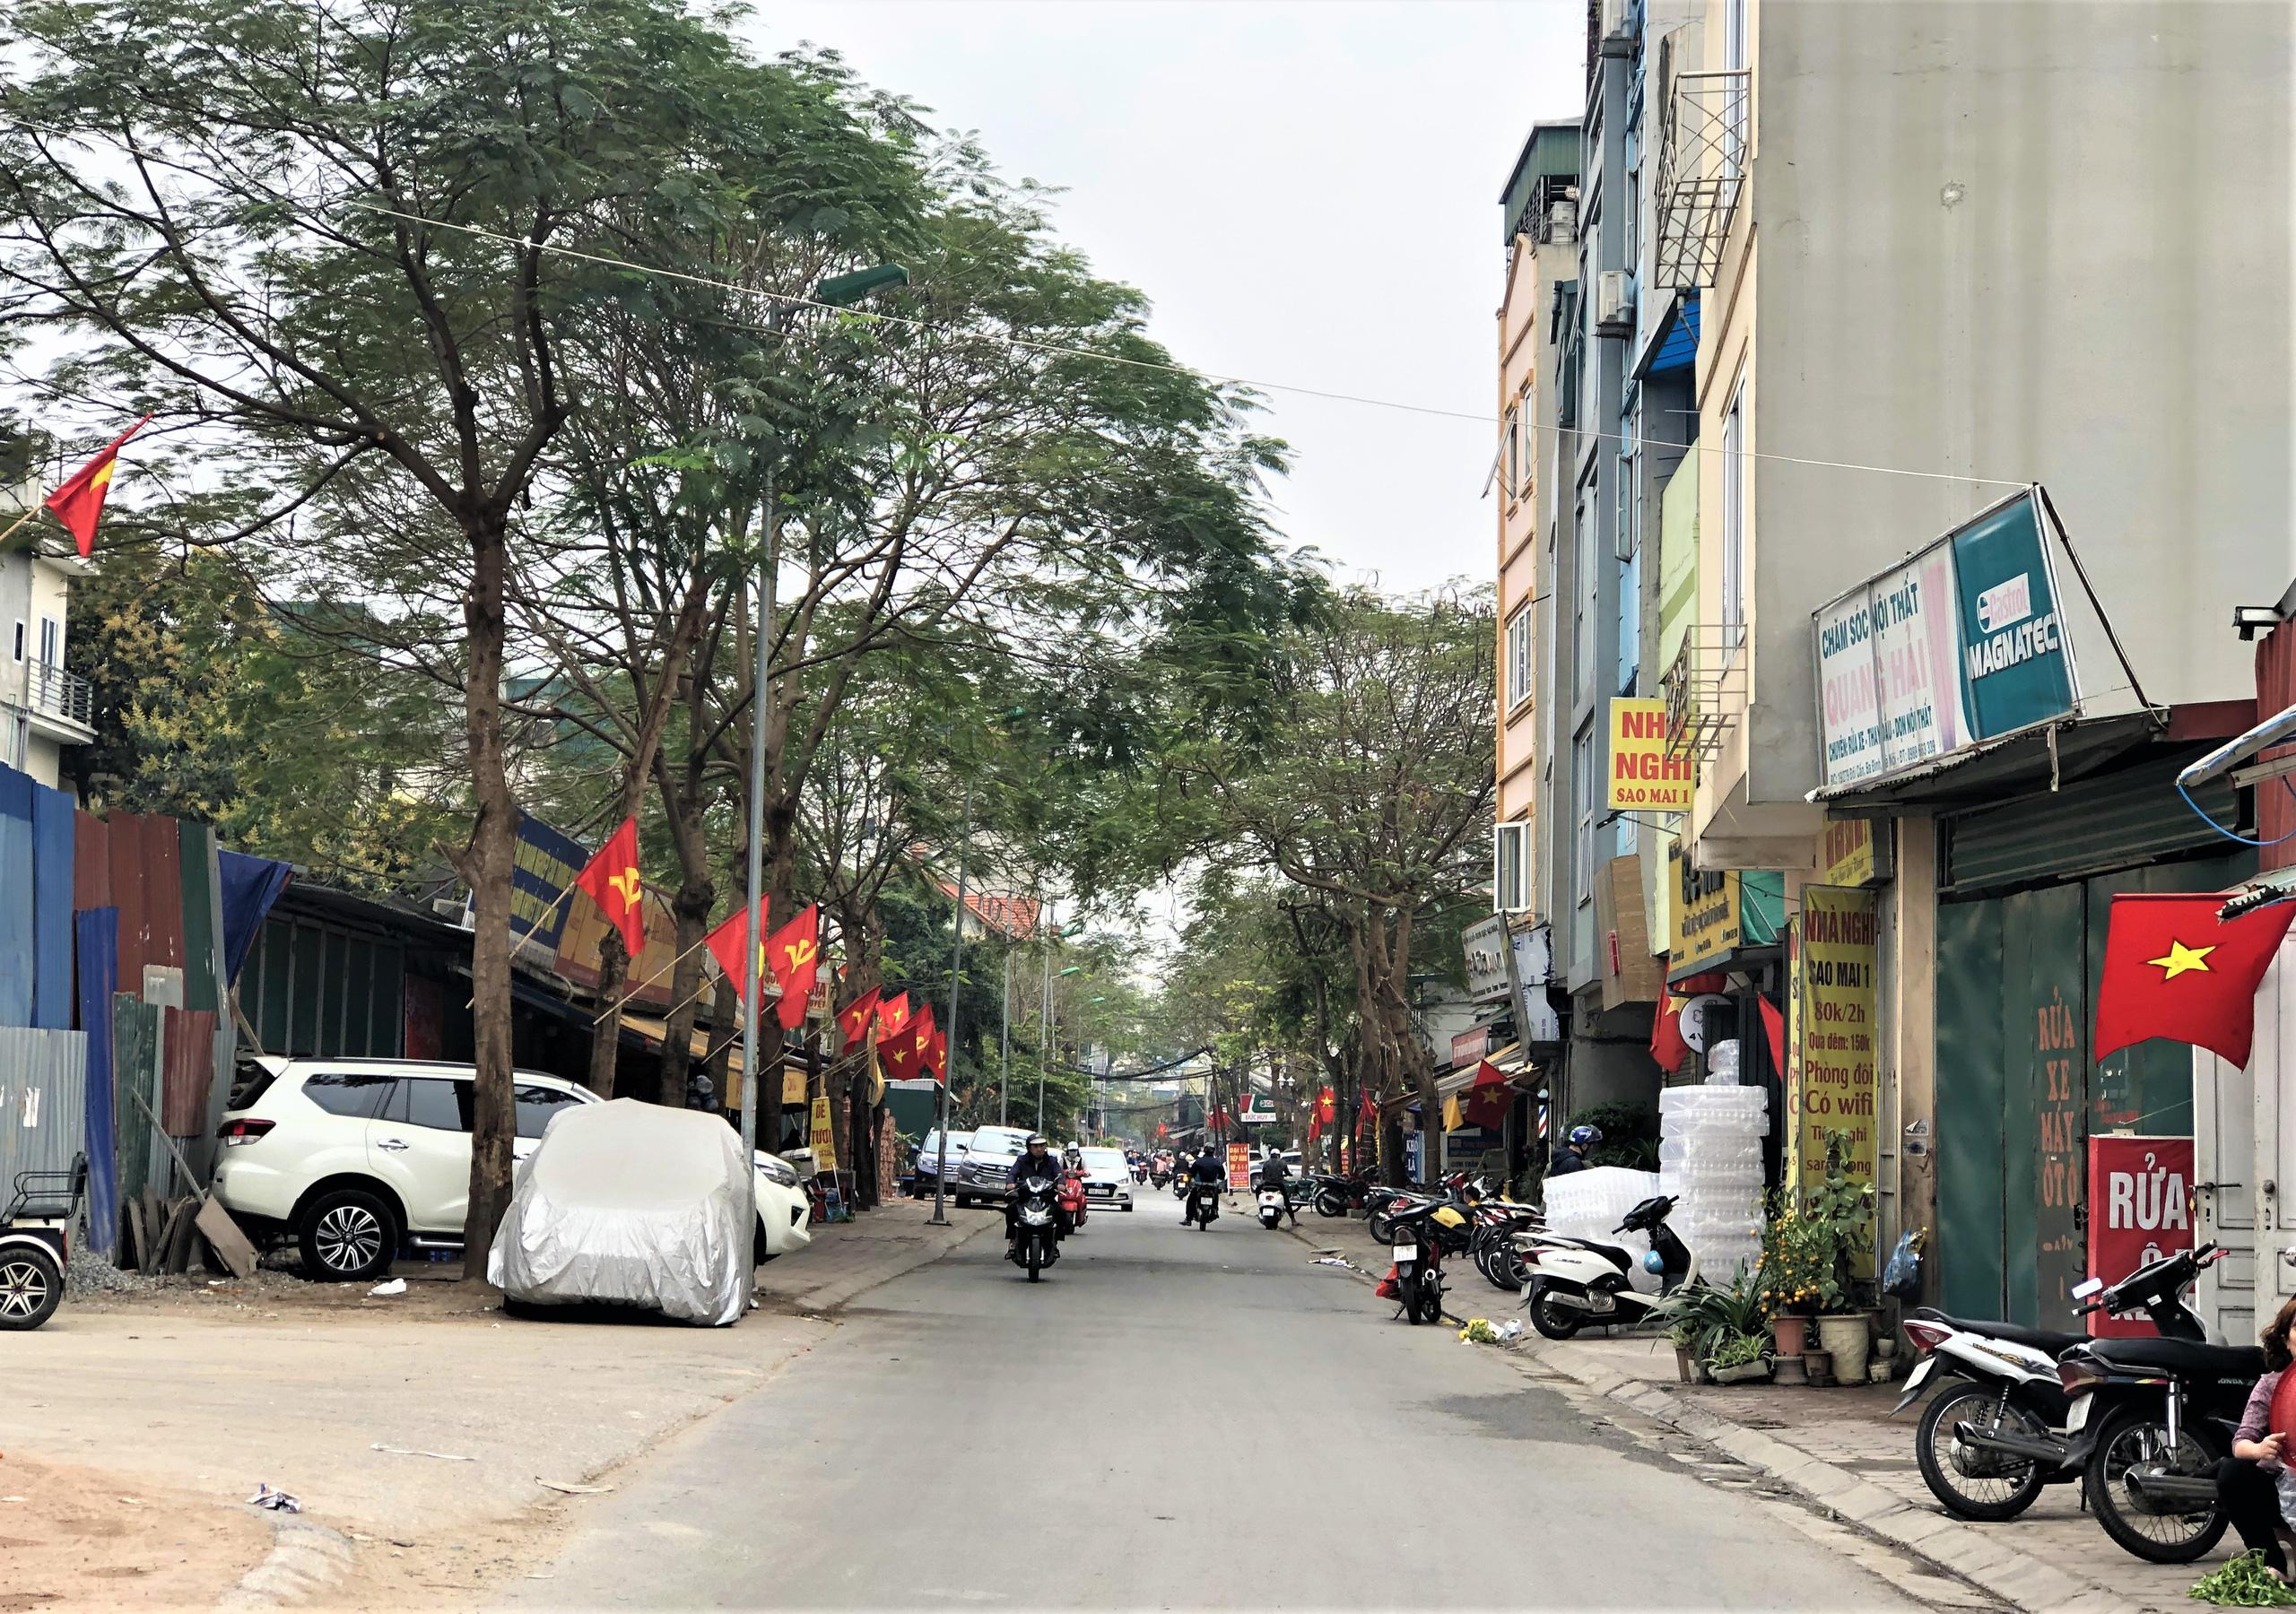 Đường sắp mở theo quy hoạch ở phường Ngọc Hà, Ba Đình, Hà Nội (phần 3): Hai đường nối ngõ Đội Cấn - phố Ngọc Hà  - Ảnh 4.